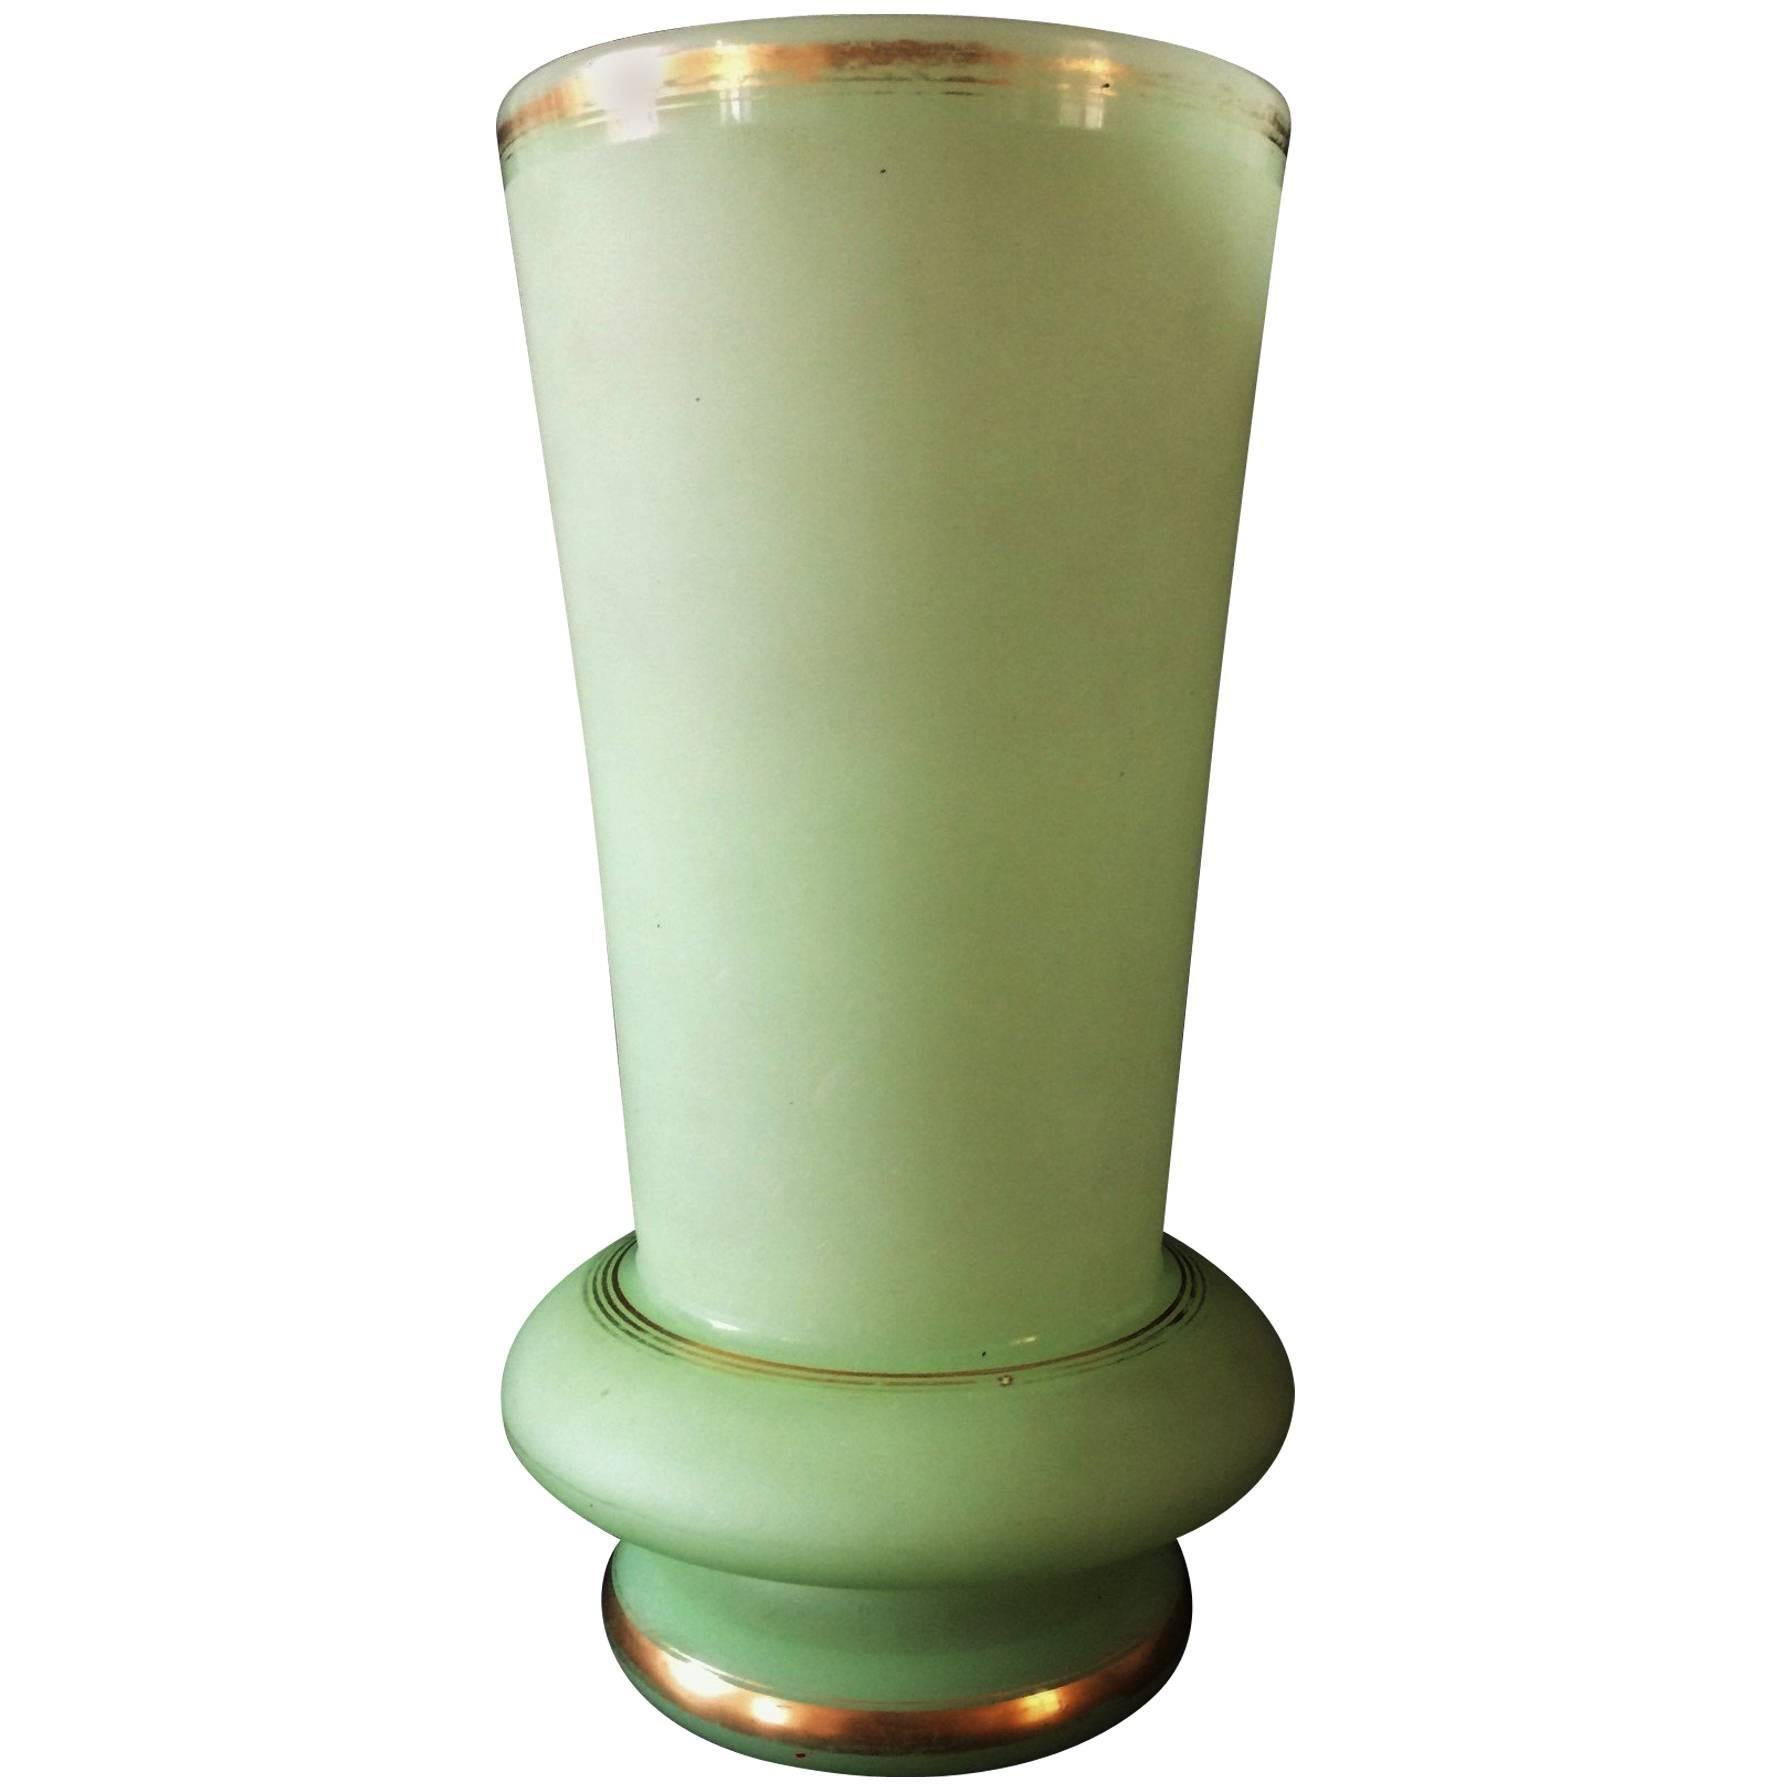 1940s Art Deco Green Opaline Vase